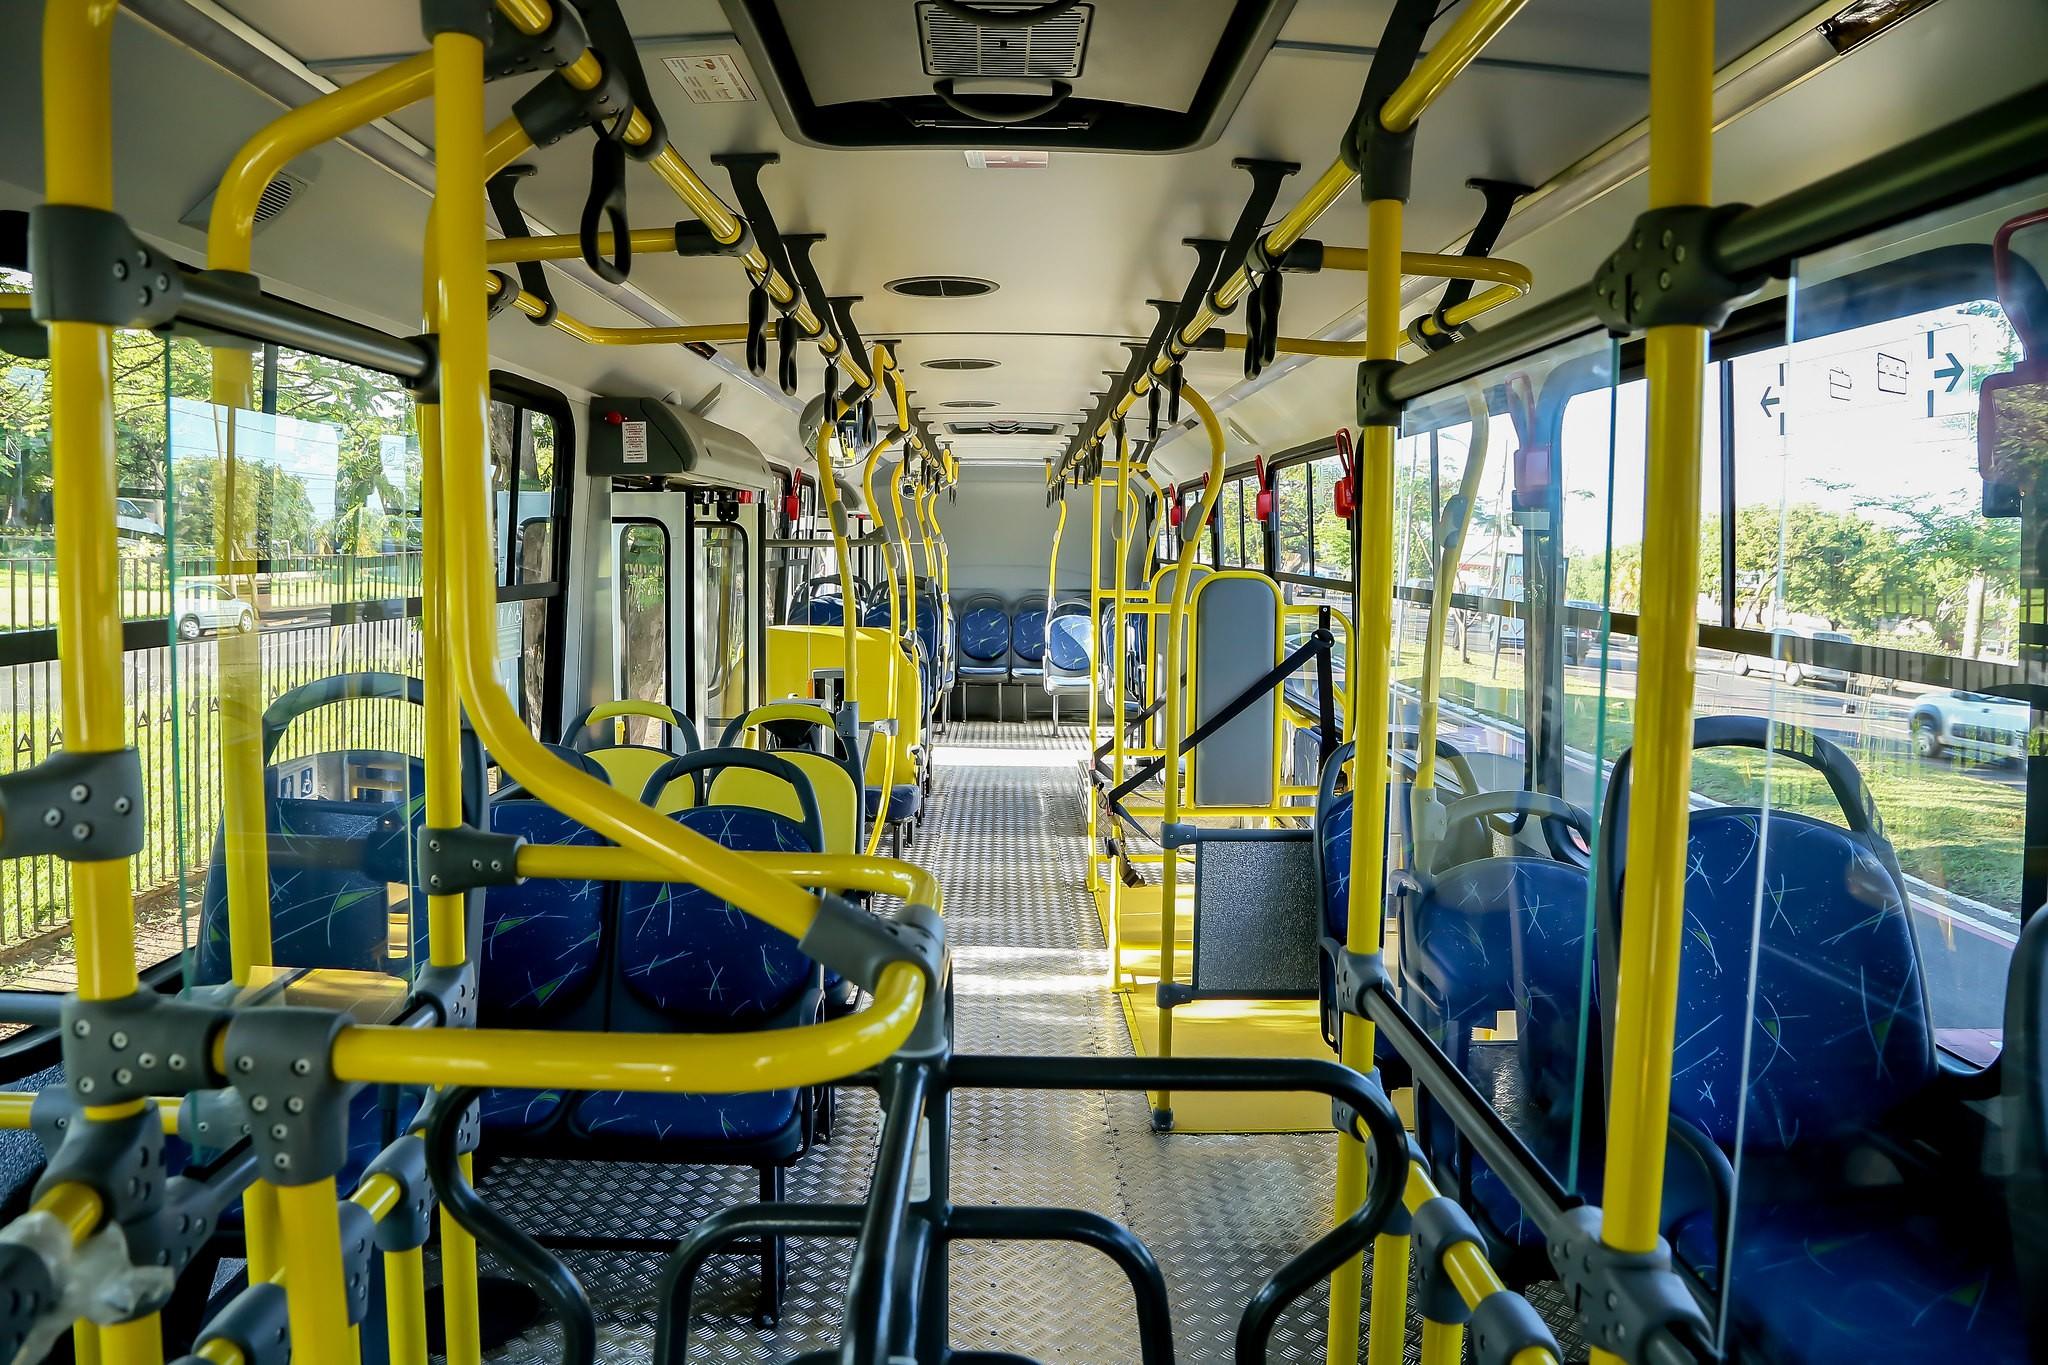 Covid-19: Prefeitura de Uberaba aumenta número de passageiros em pé no transporte coletivo e libera público em atividades esportivas coletivas